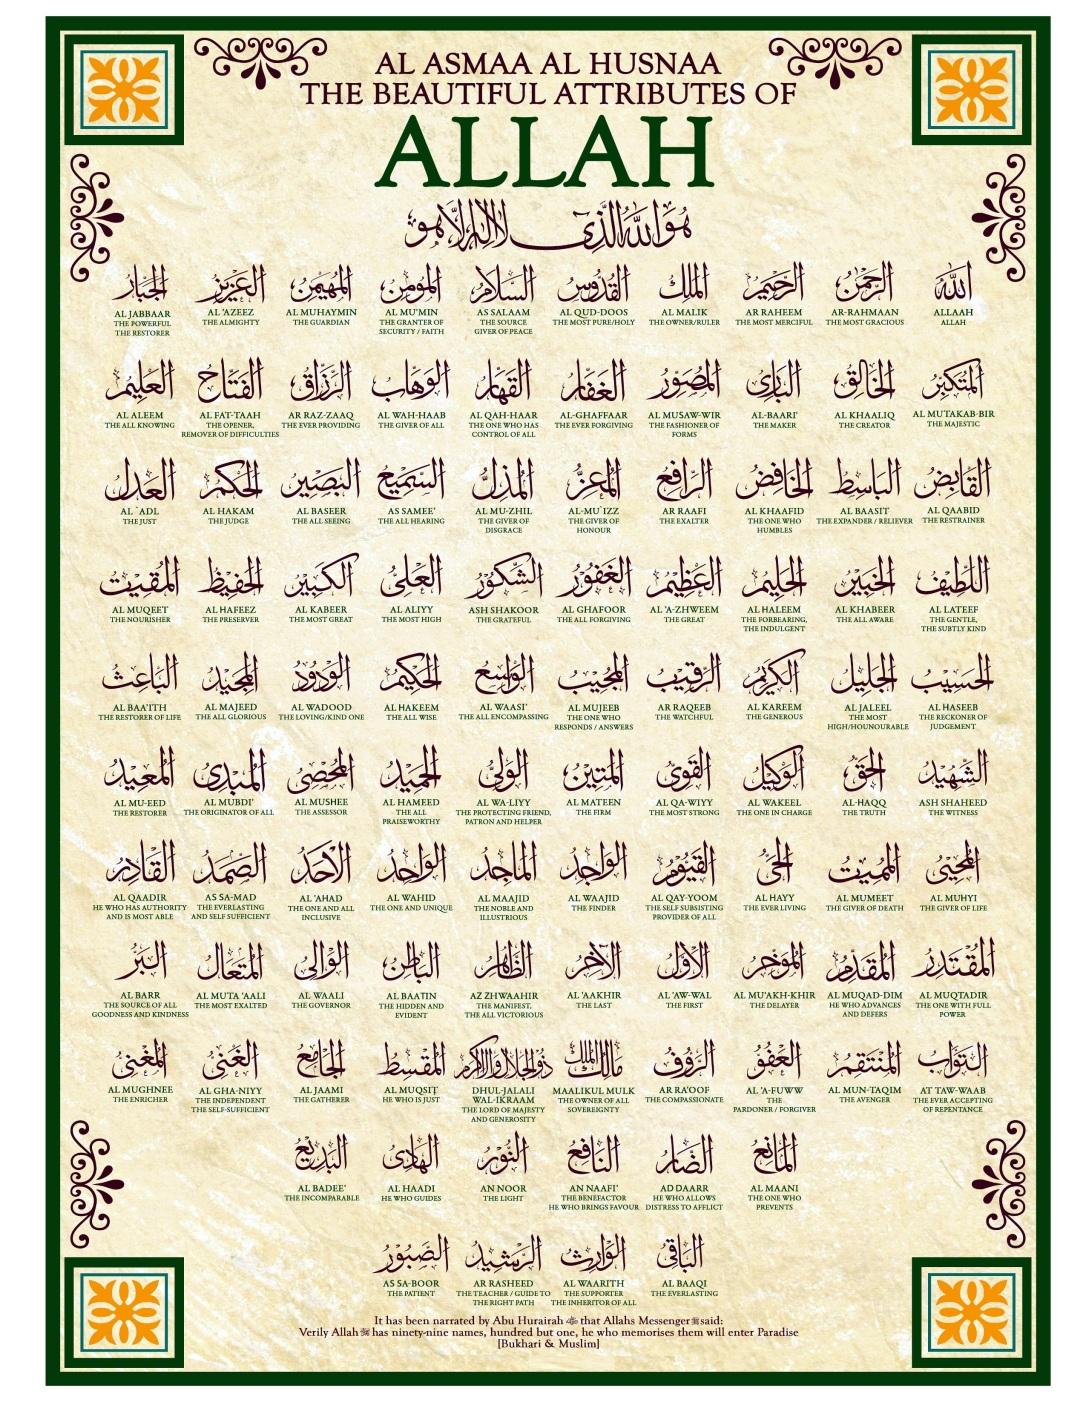 names_of_allah